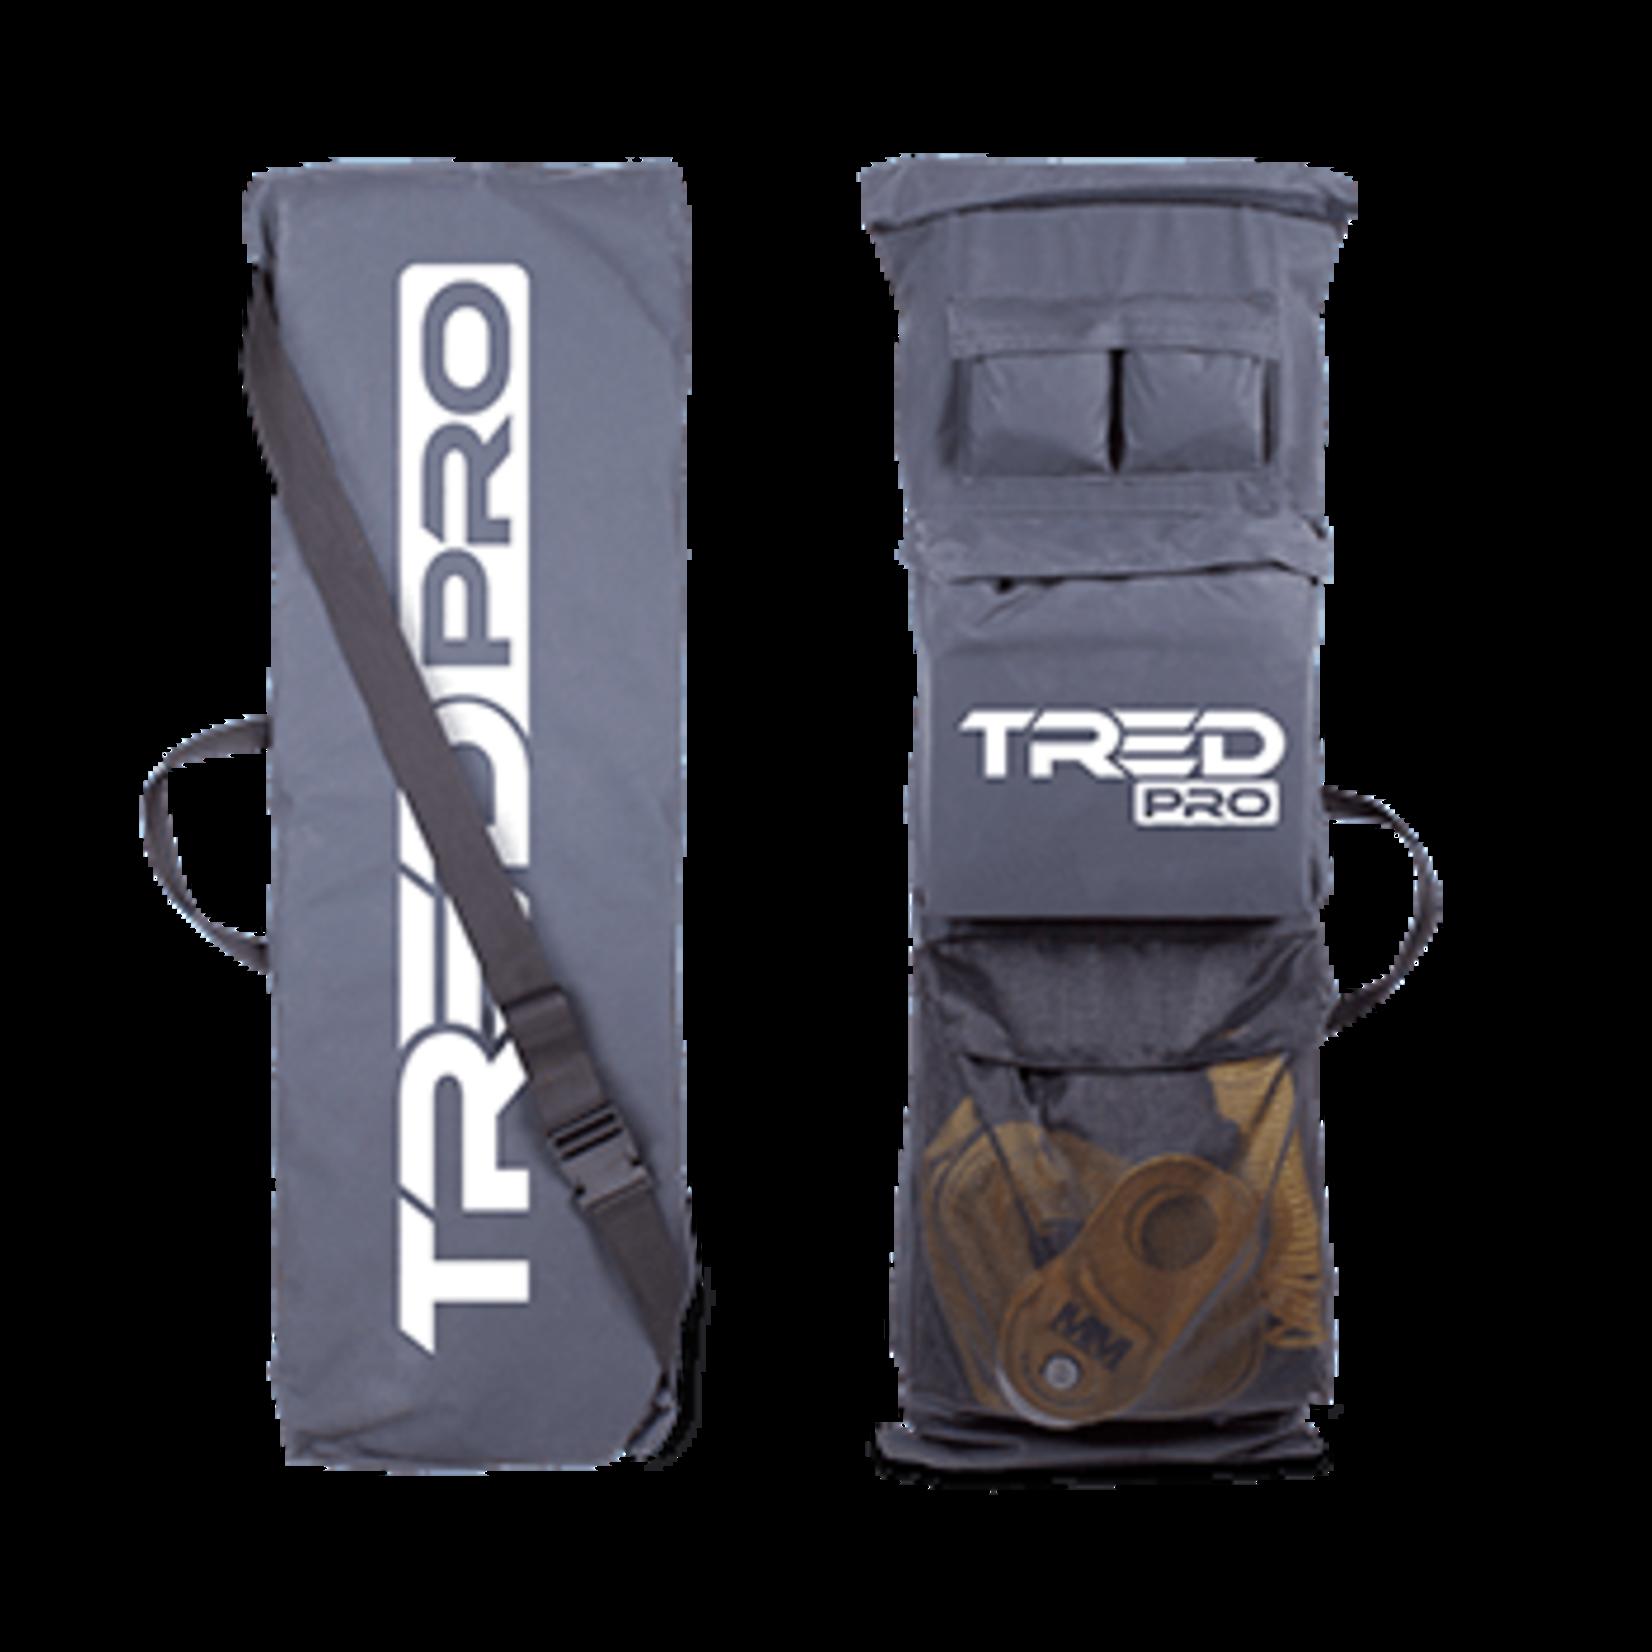 ARB ARB Tred Pro Carry Bag